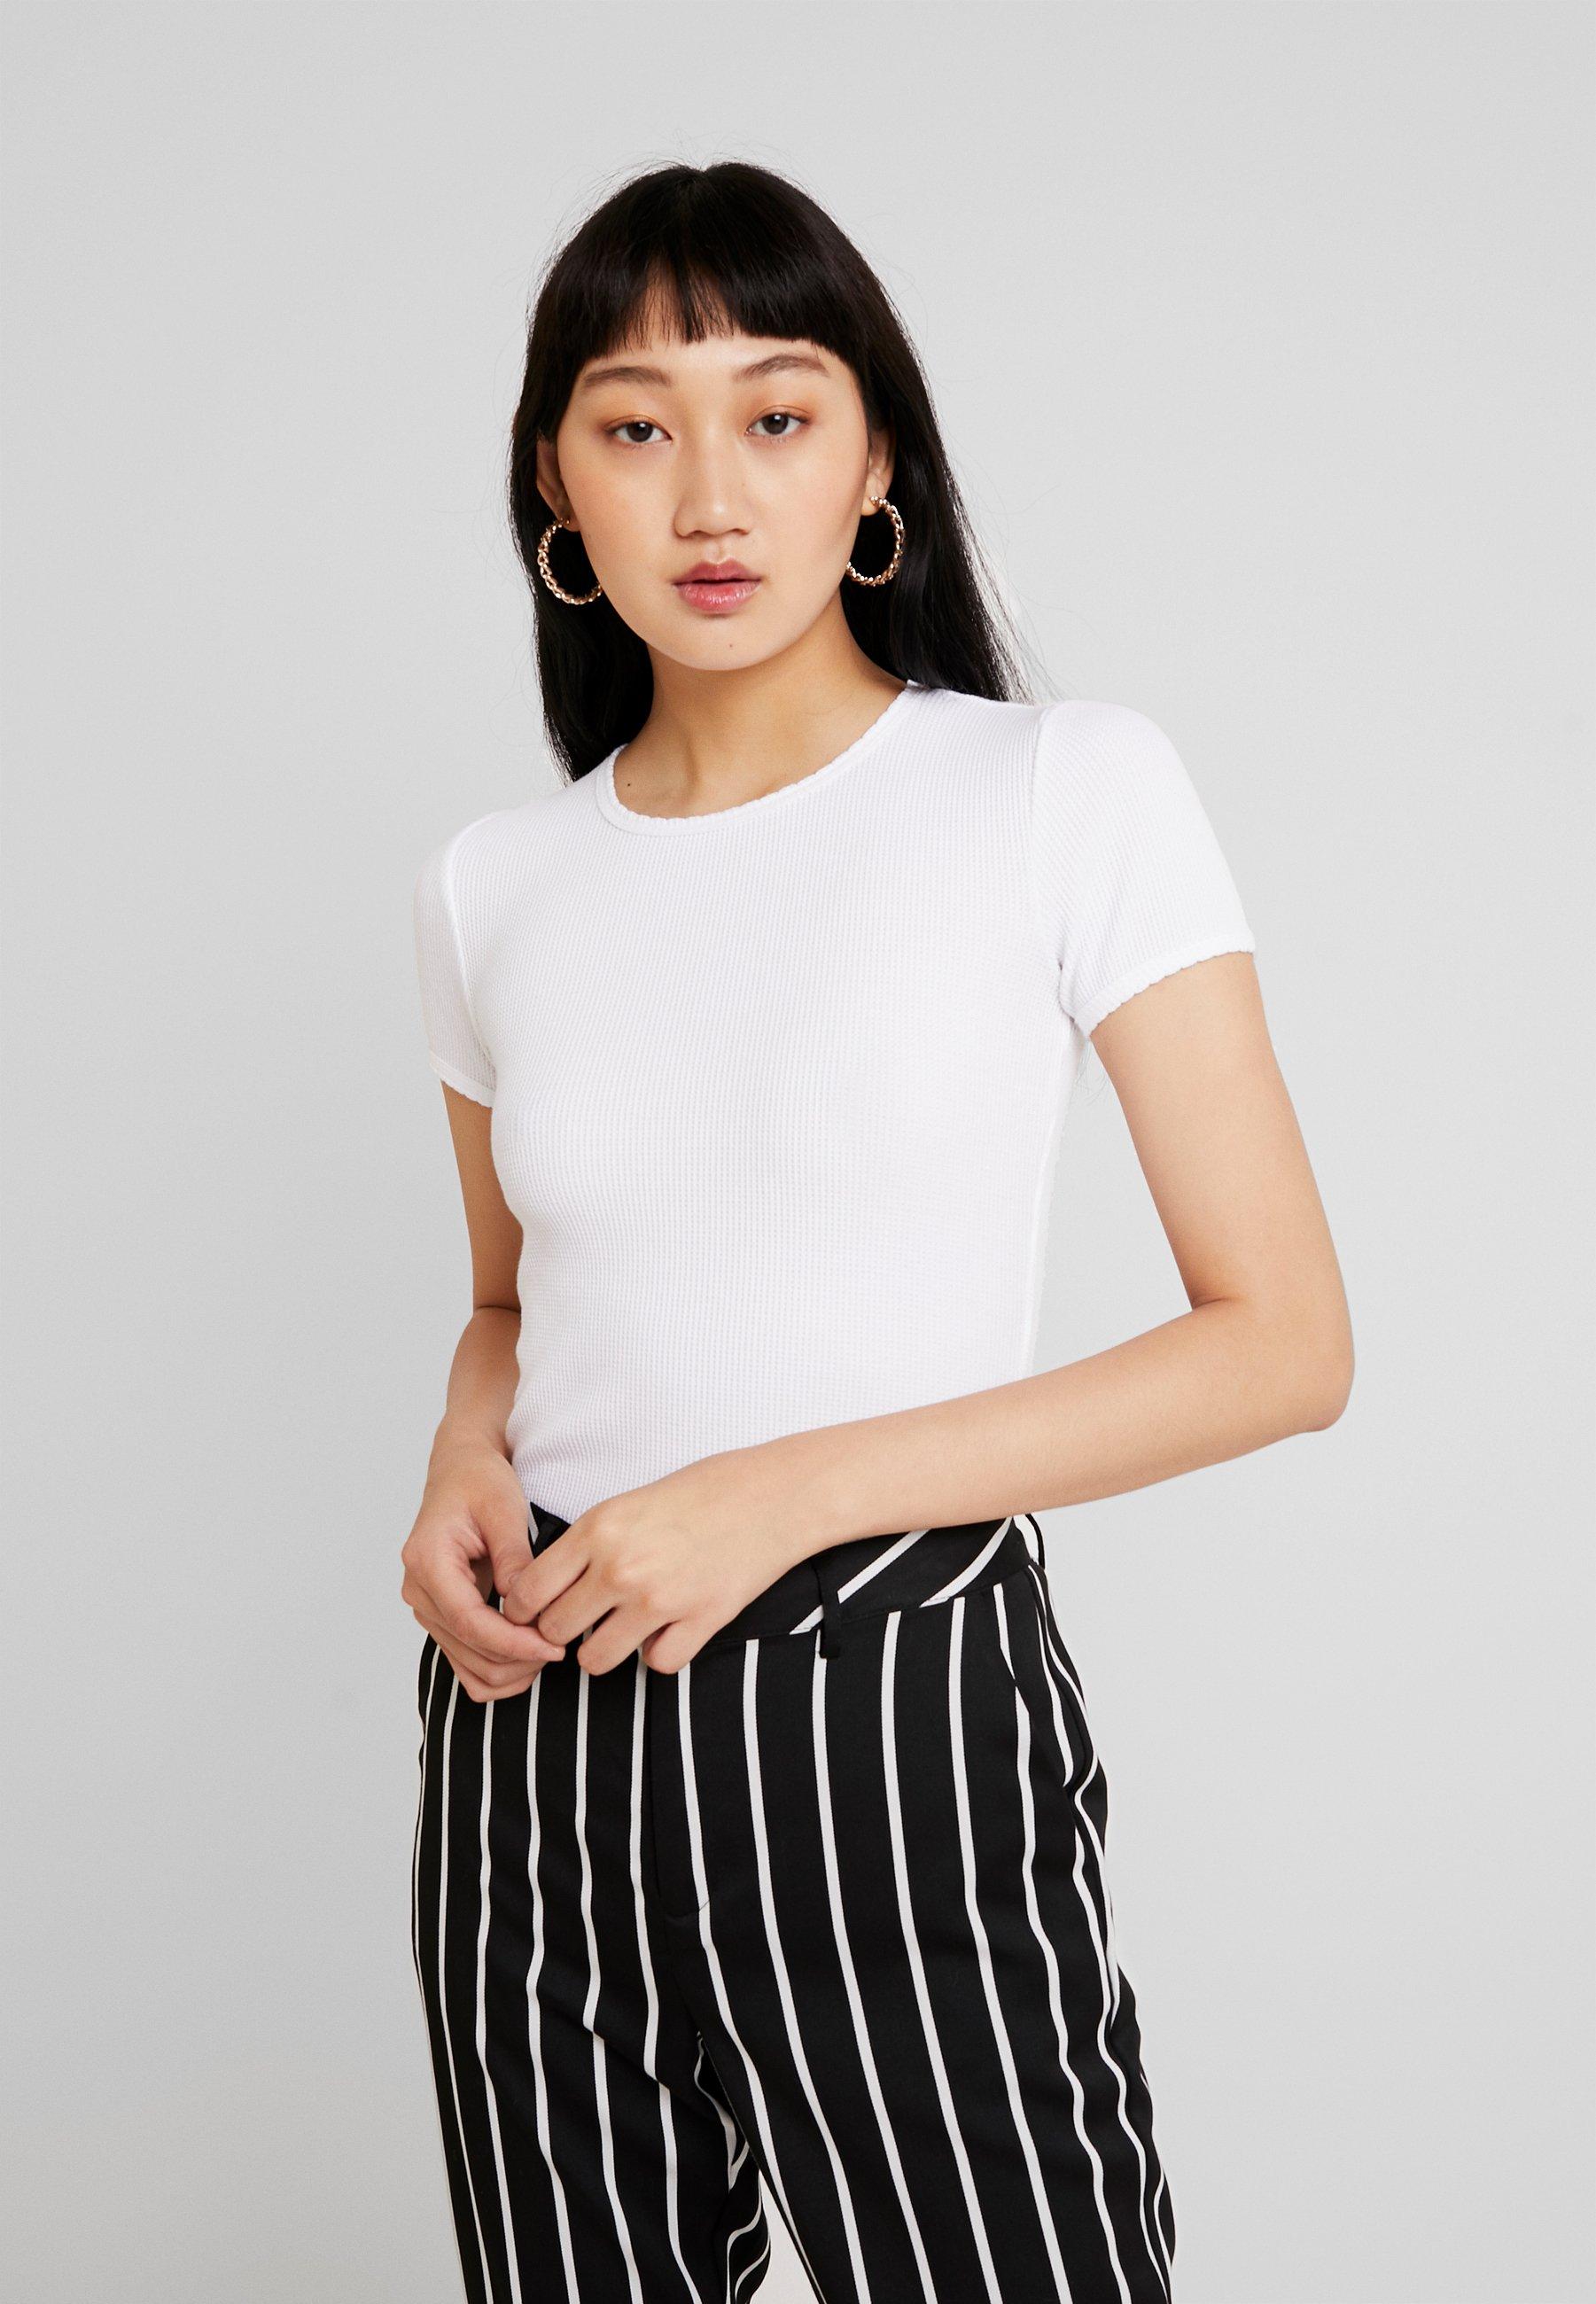 shirt Imprimé Baby Waffle White Hollister TeeT CoCrop c5uF13JTlK